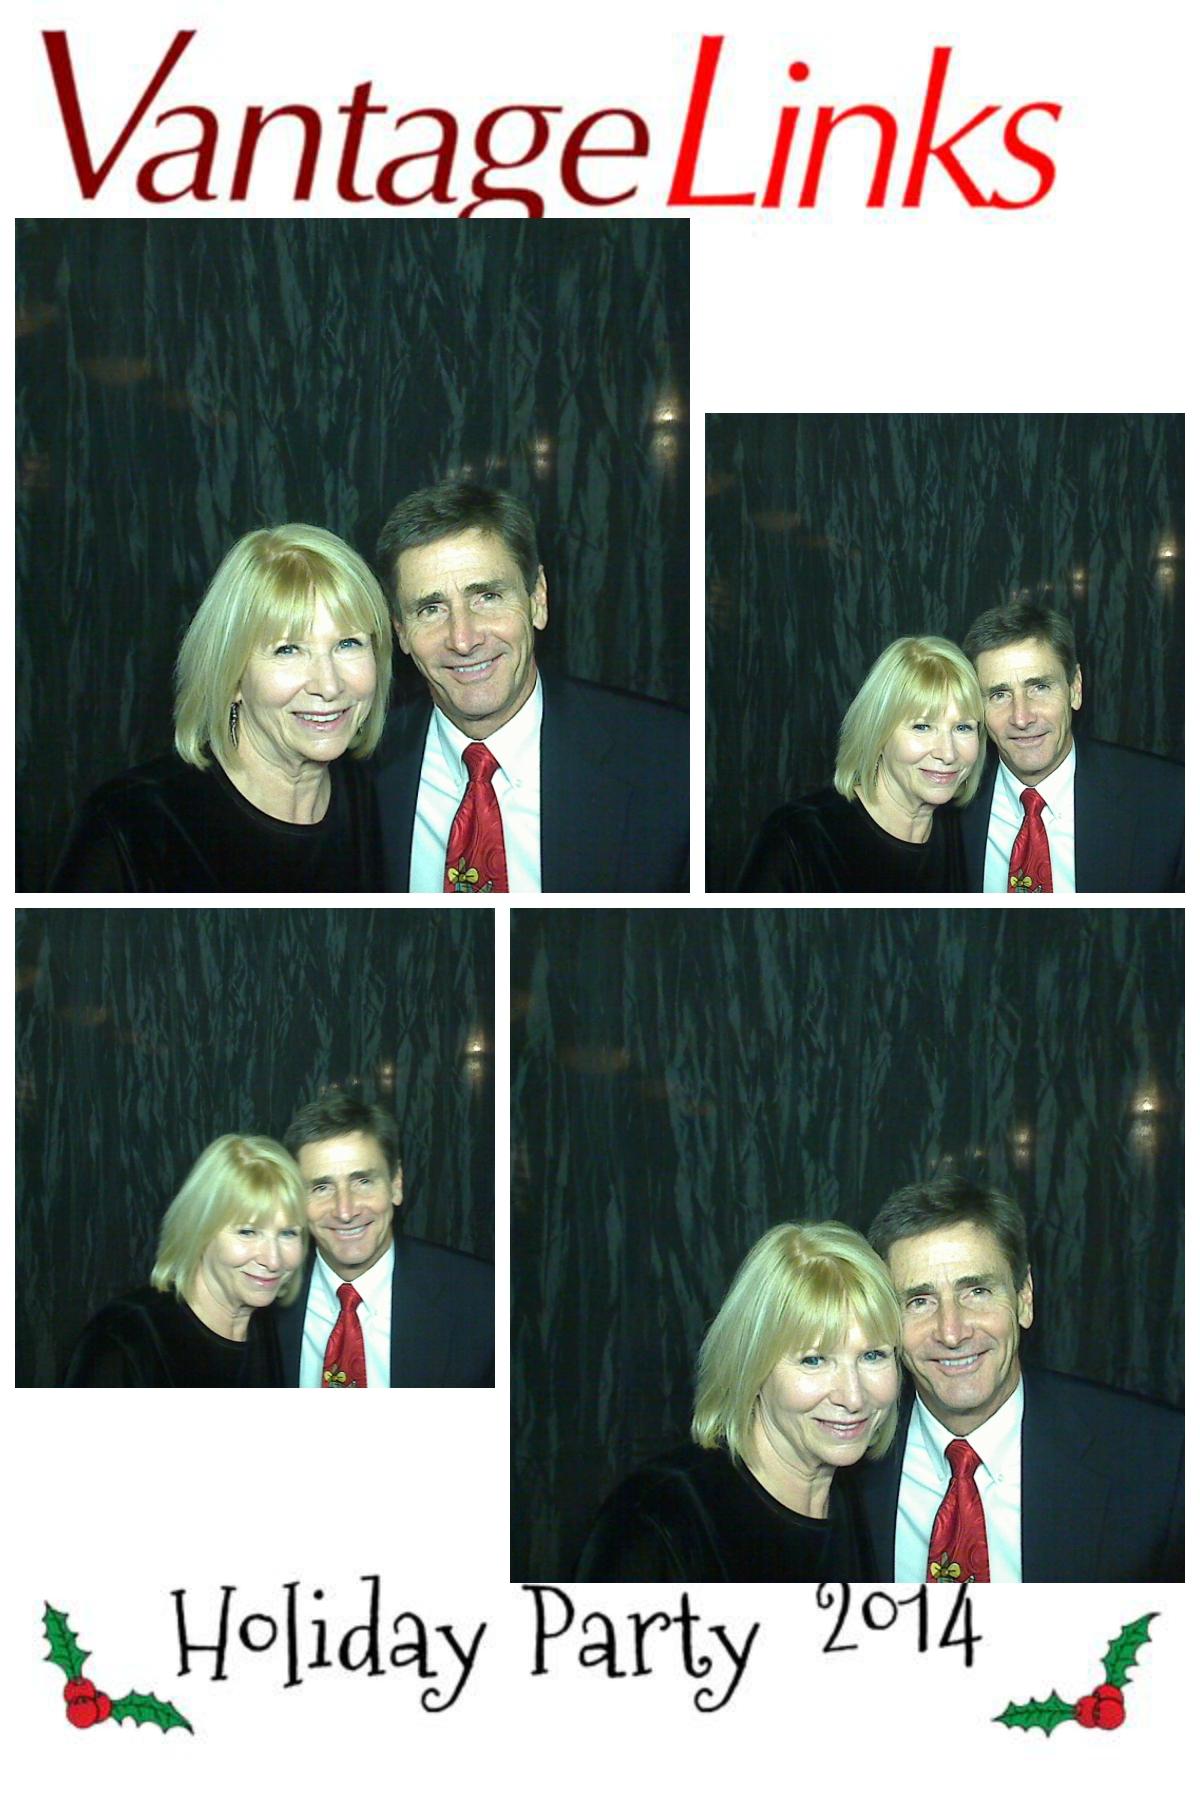 Jim and Linda